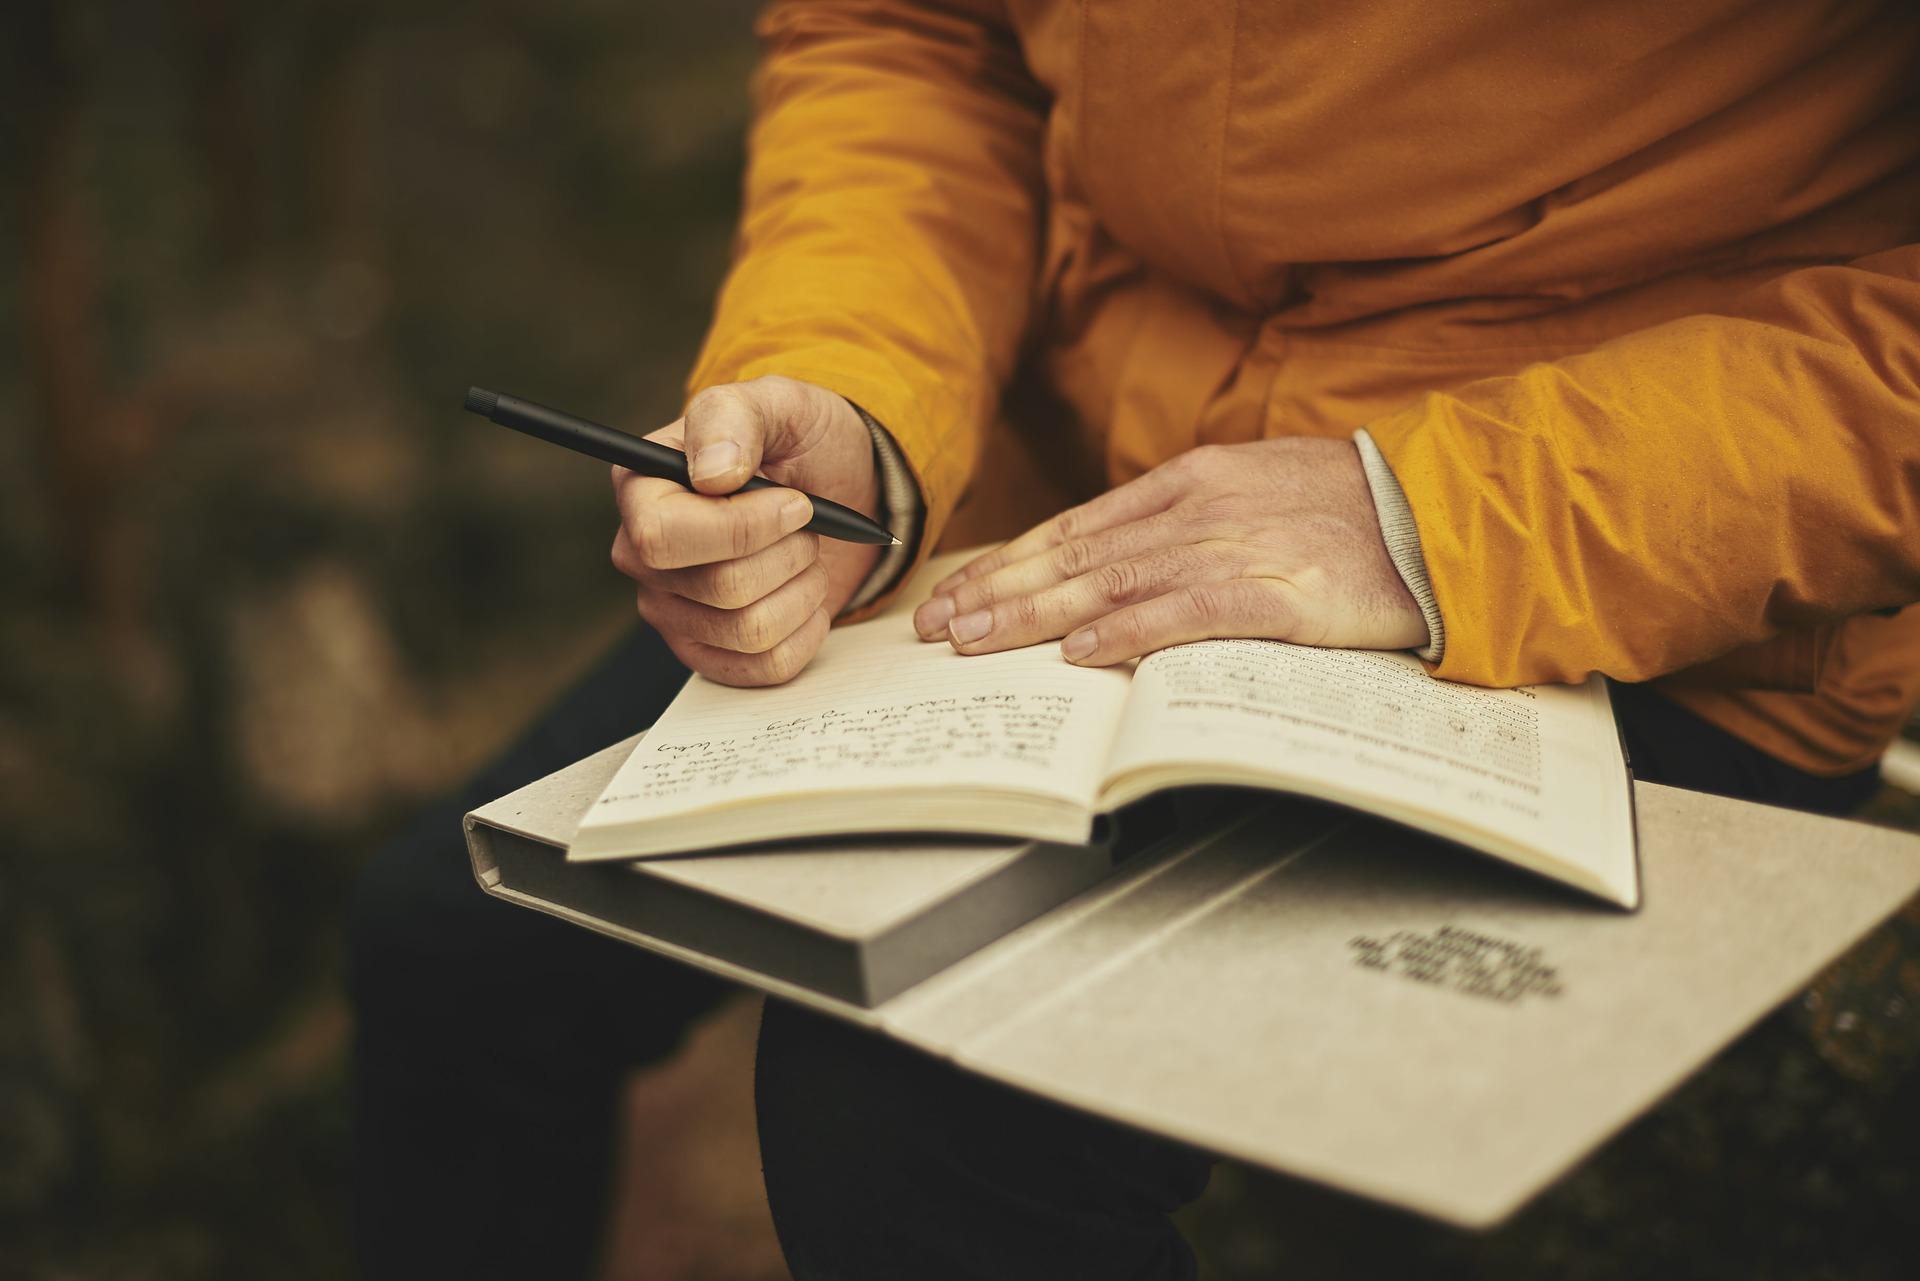 odstartujte svoji knihu – jak na popisy